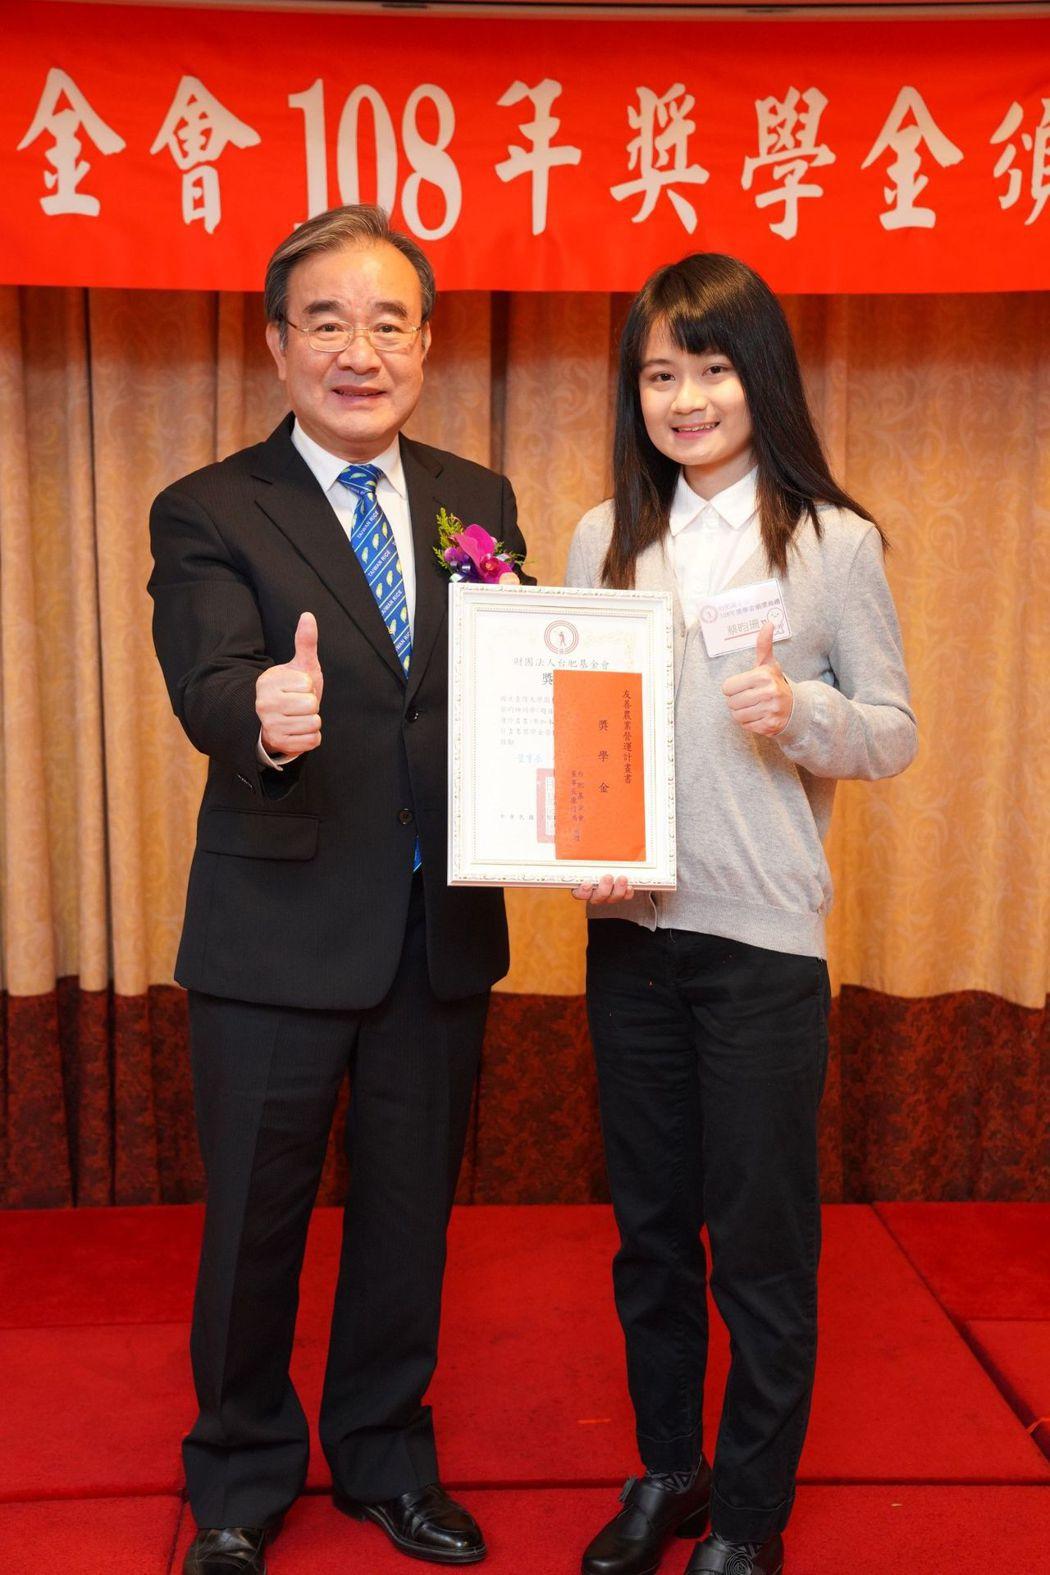 農糧署署長胡忠一博士(左)與108年友善營運計畫書獎學金獲獎同學合影 台肥基金會...